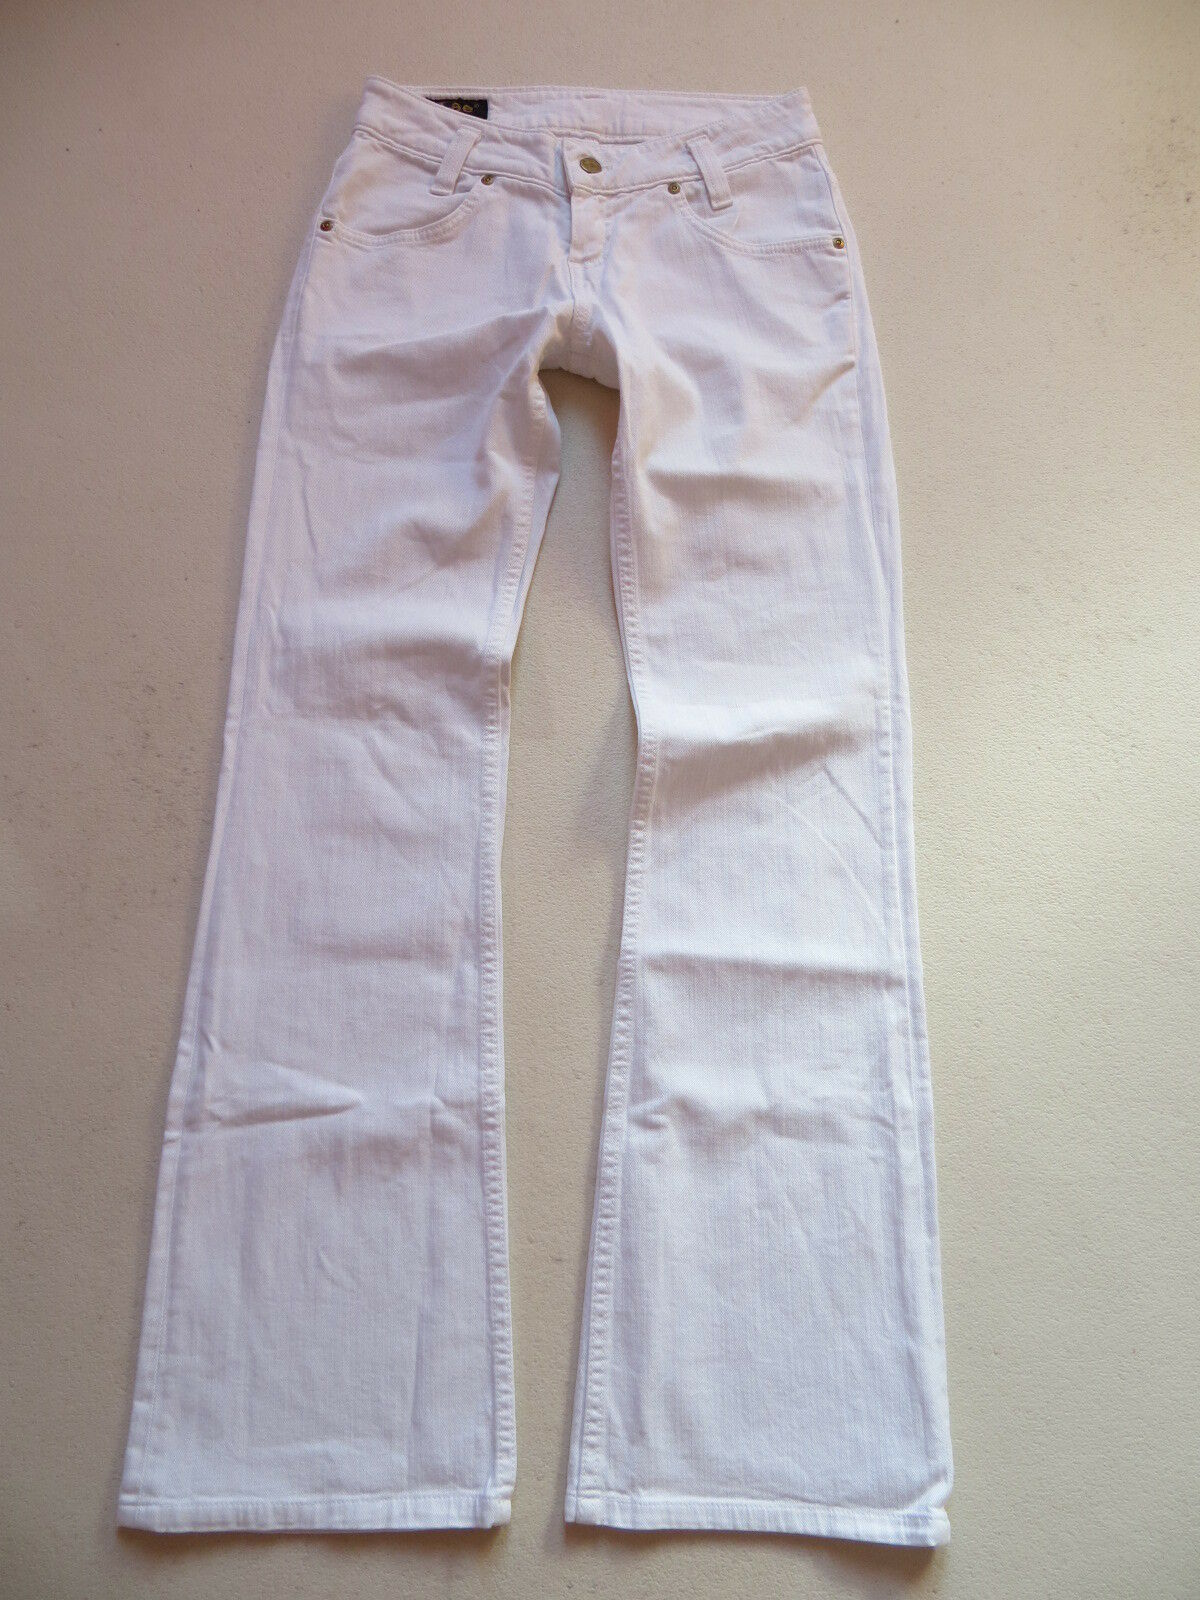 Lee Damen Stiefelcut Jeans Hose W 27    L 32 Weiß   Weiß Stretch Denim TOP   36 cce251